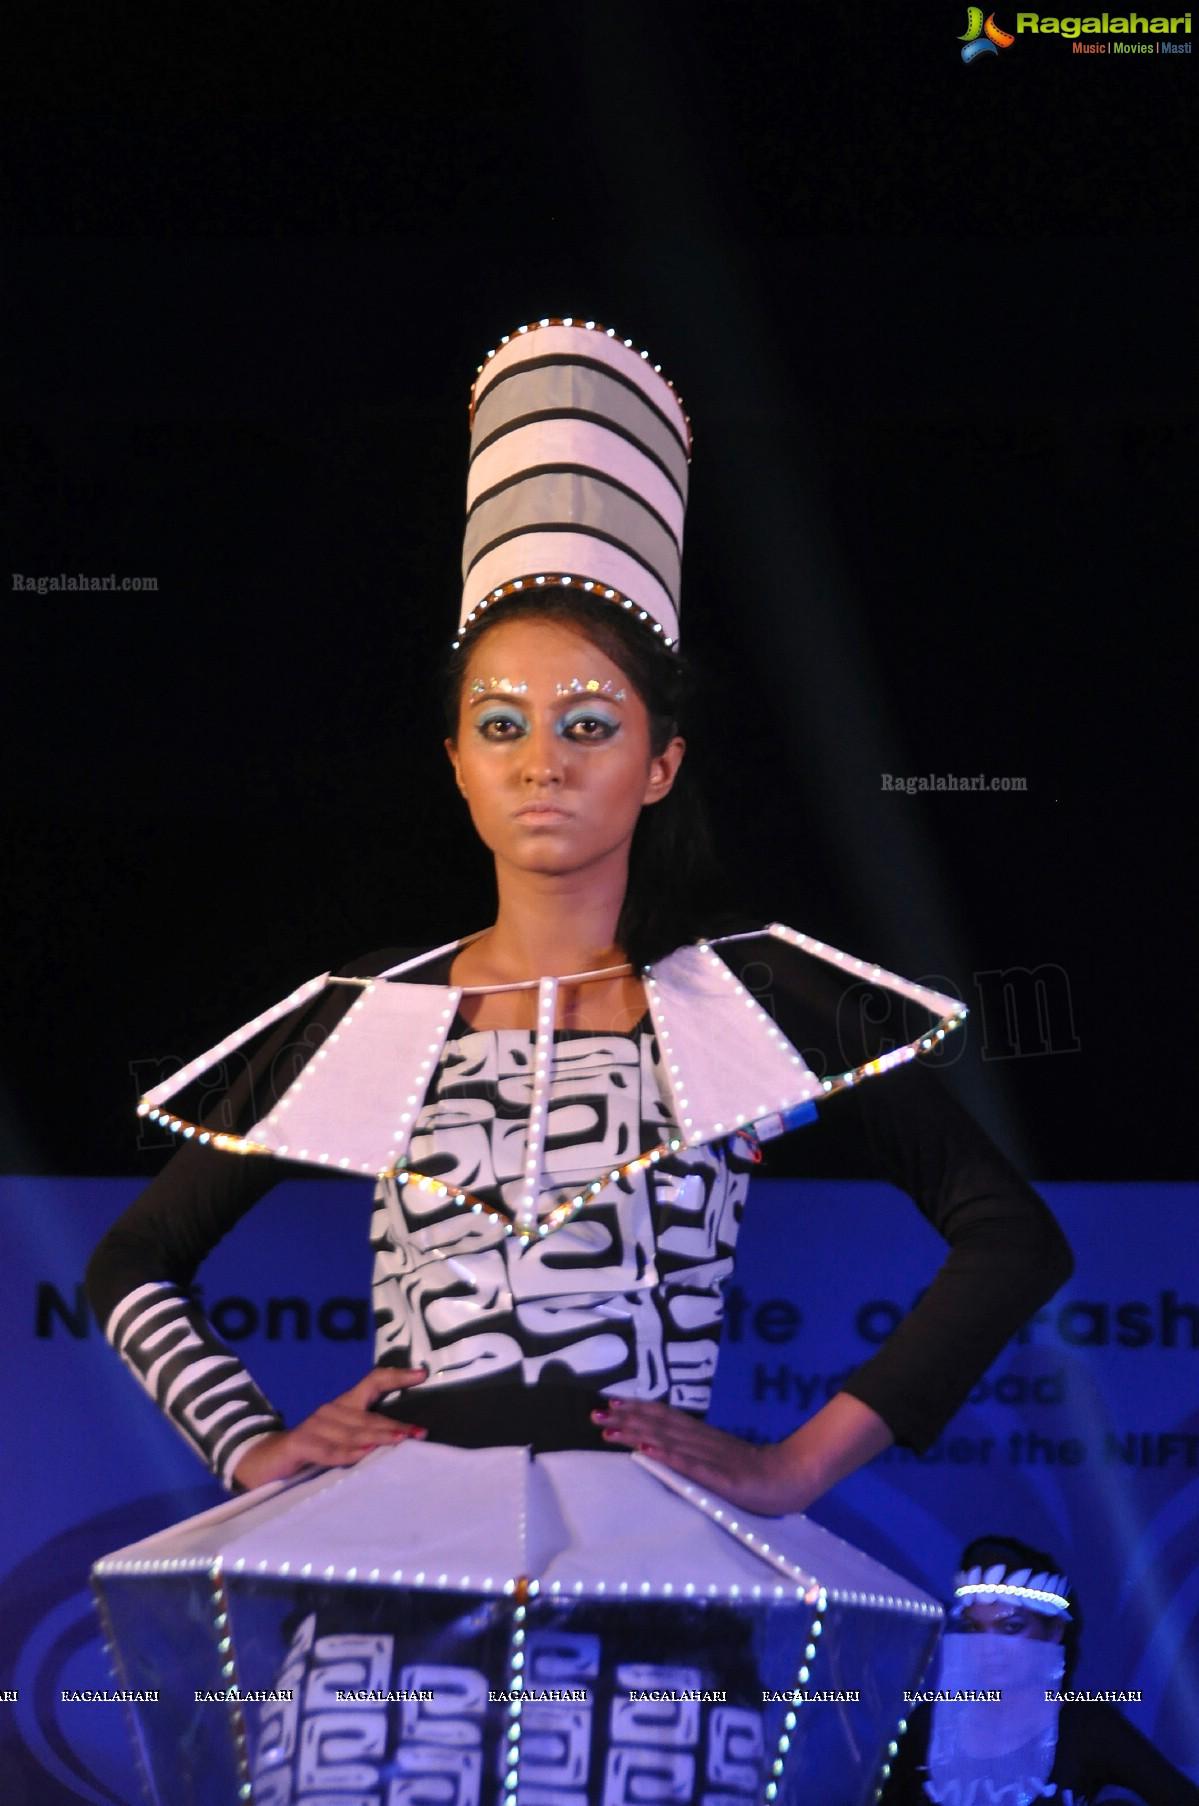 nift gandhinagar spectrum 2012 Spectrum 16, gandhinagar by national institute of fashion technology (nift - gandhinagar), online registration & tickets, schedule & live updates.